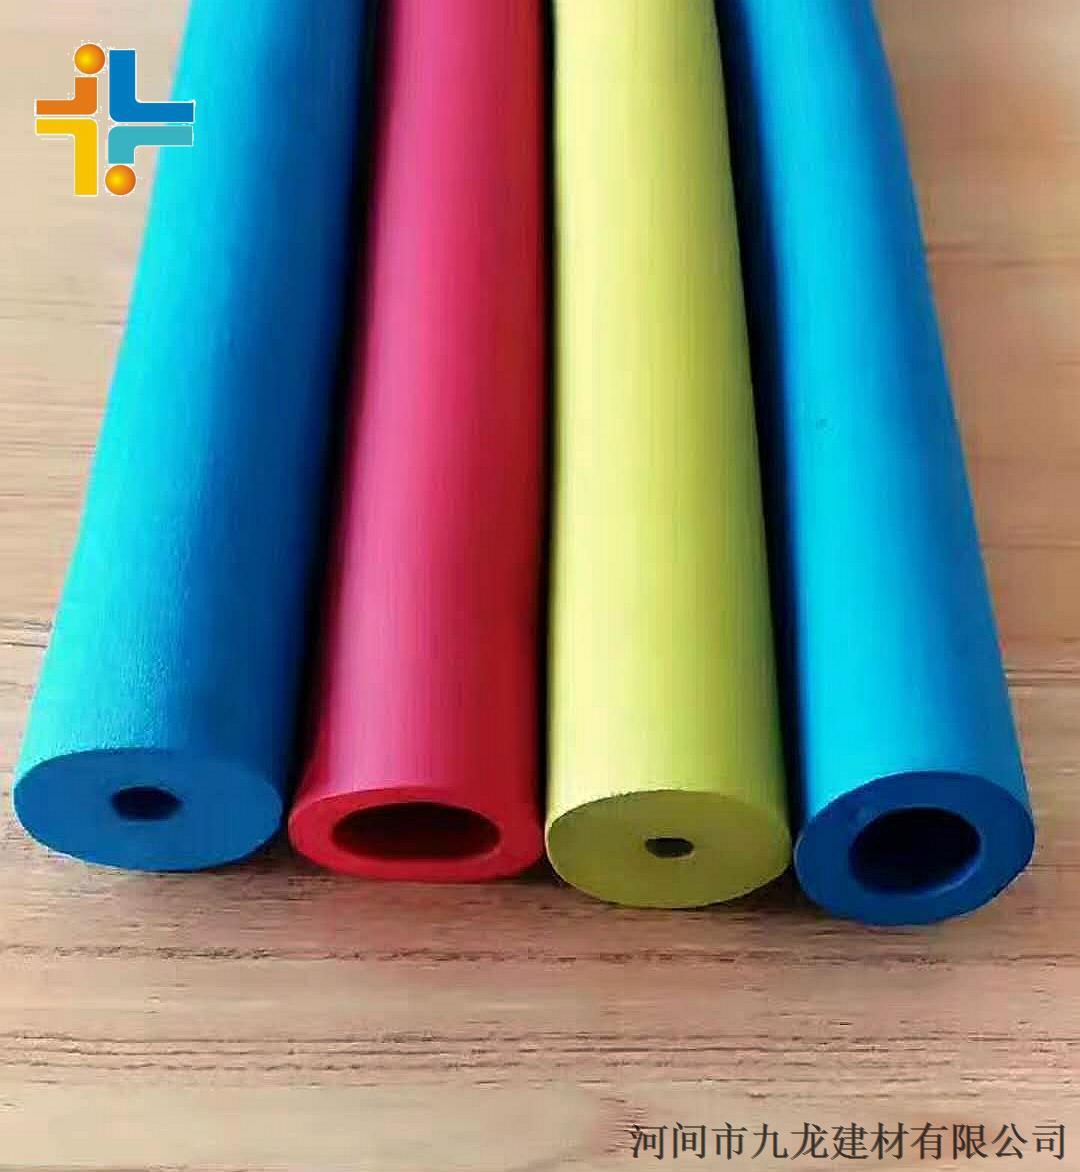 Jnbr彩色減震橡塑發泡管 防滑黑色光面橡塑保溫管 復合鋁箔橡塑管